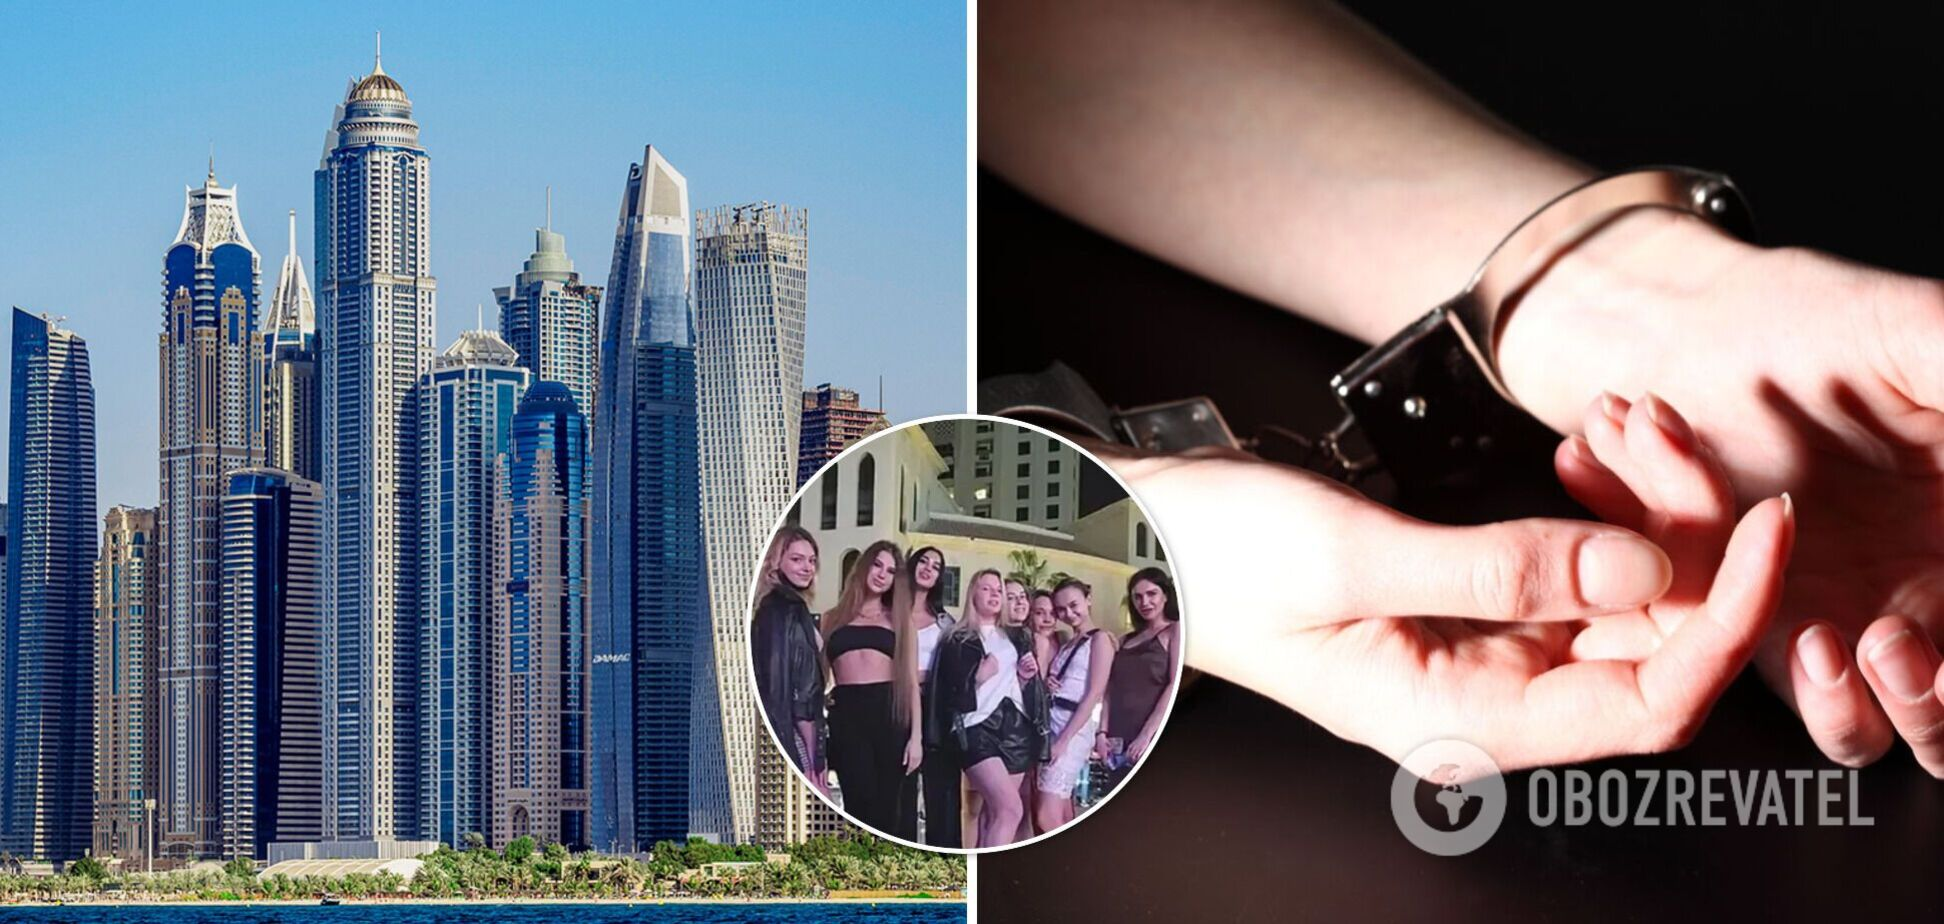 Арешт голих українок у Дубаї: з'явилися подробиці від омбудсмена